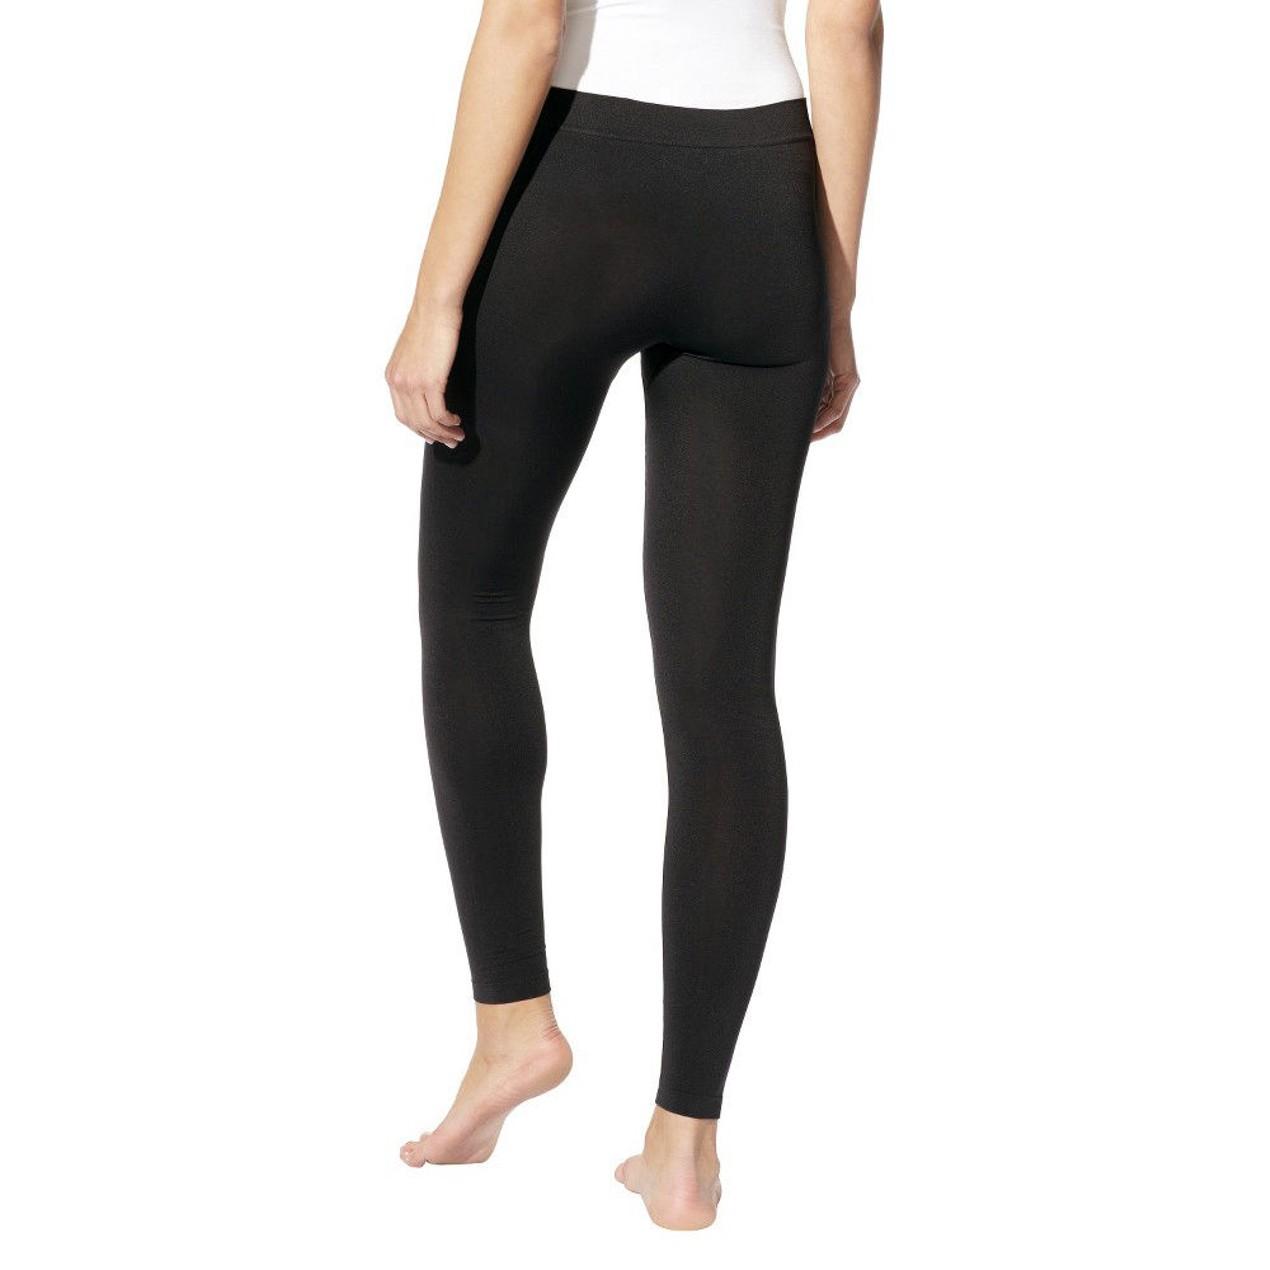 c73cfc045595c ... Leggings Hanes Women's Long 'n Lean Black ...